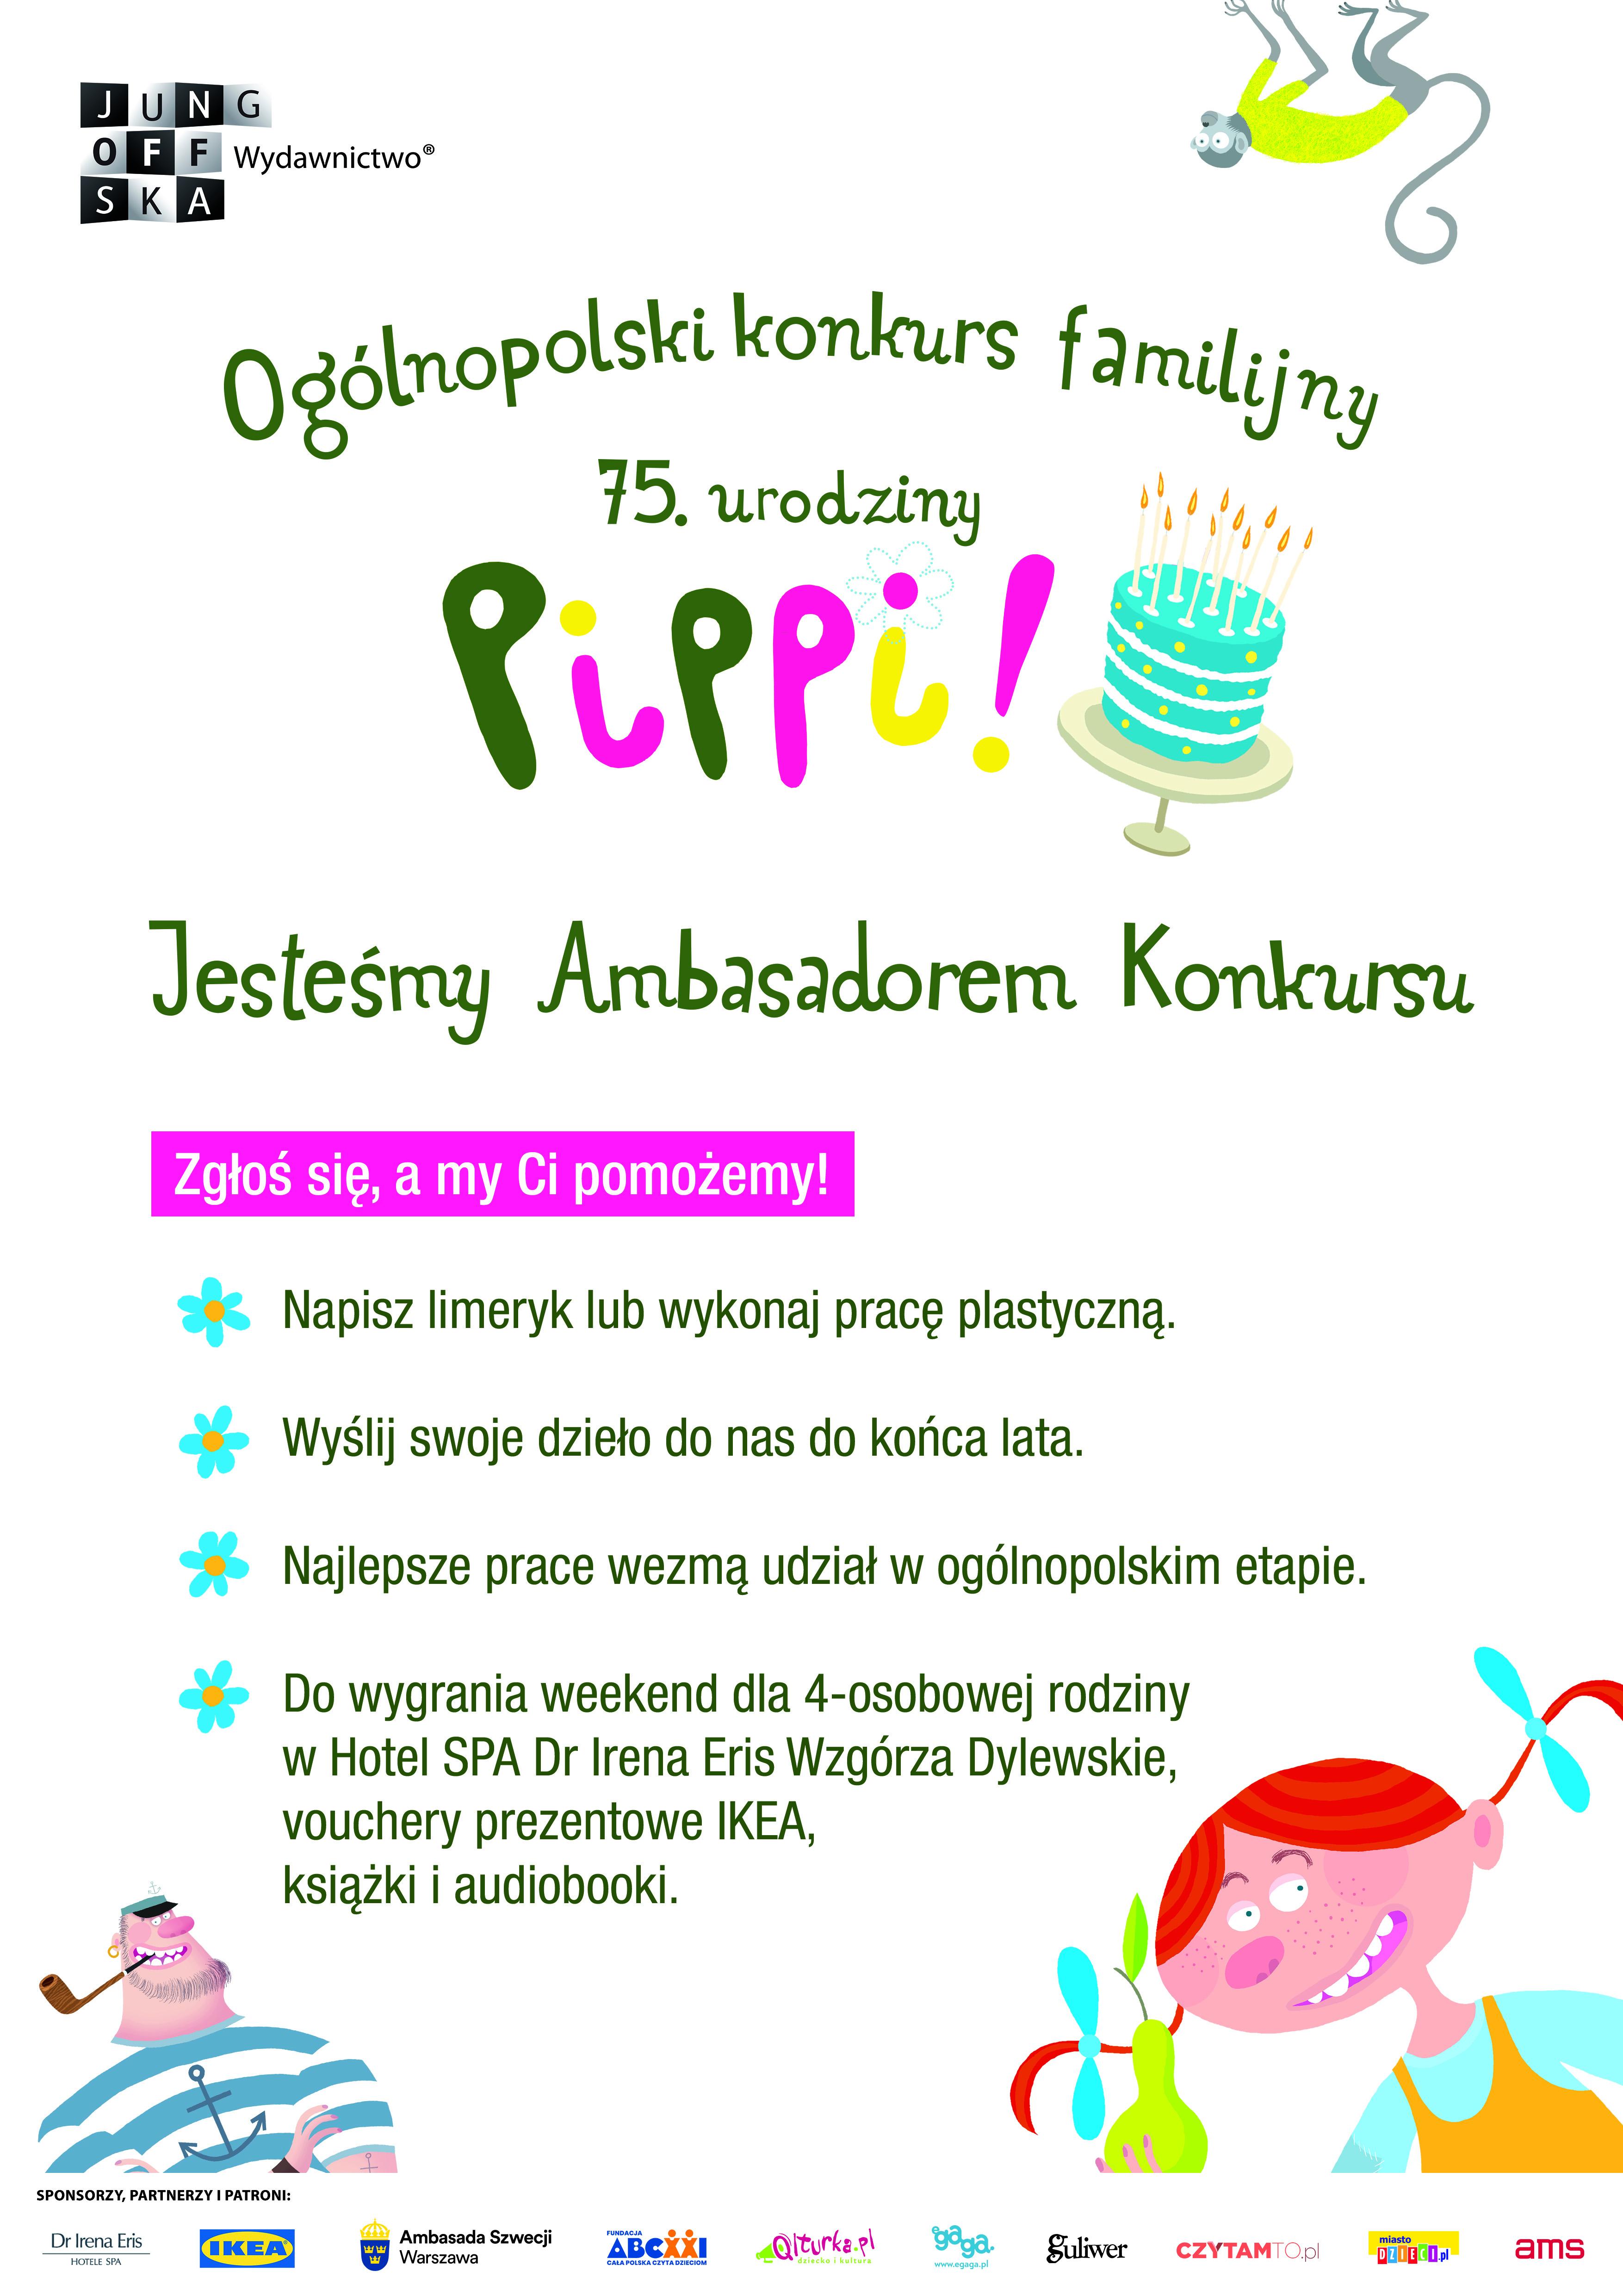 Urodziny Pippi